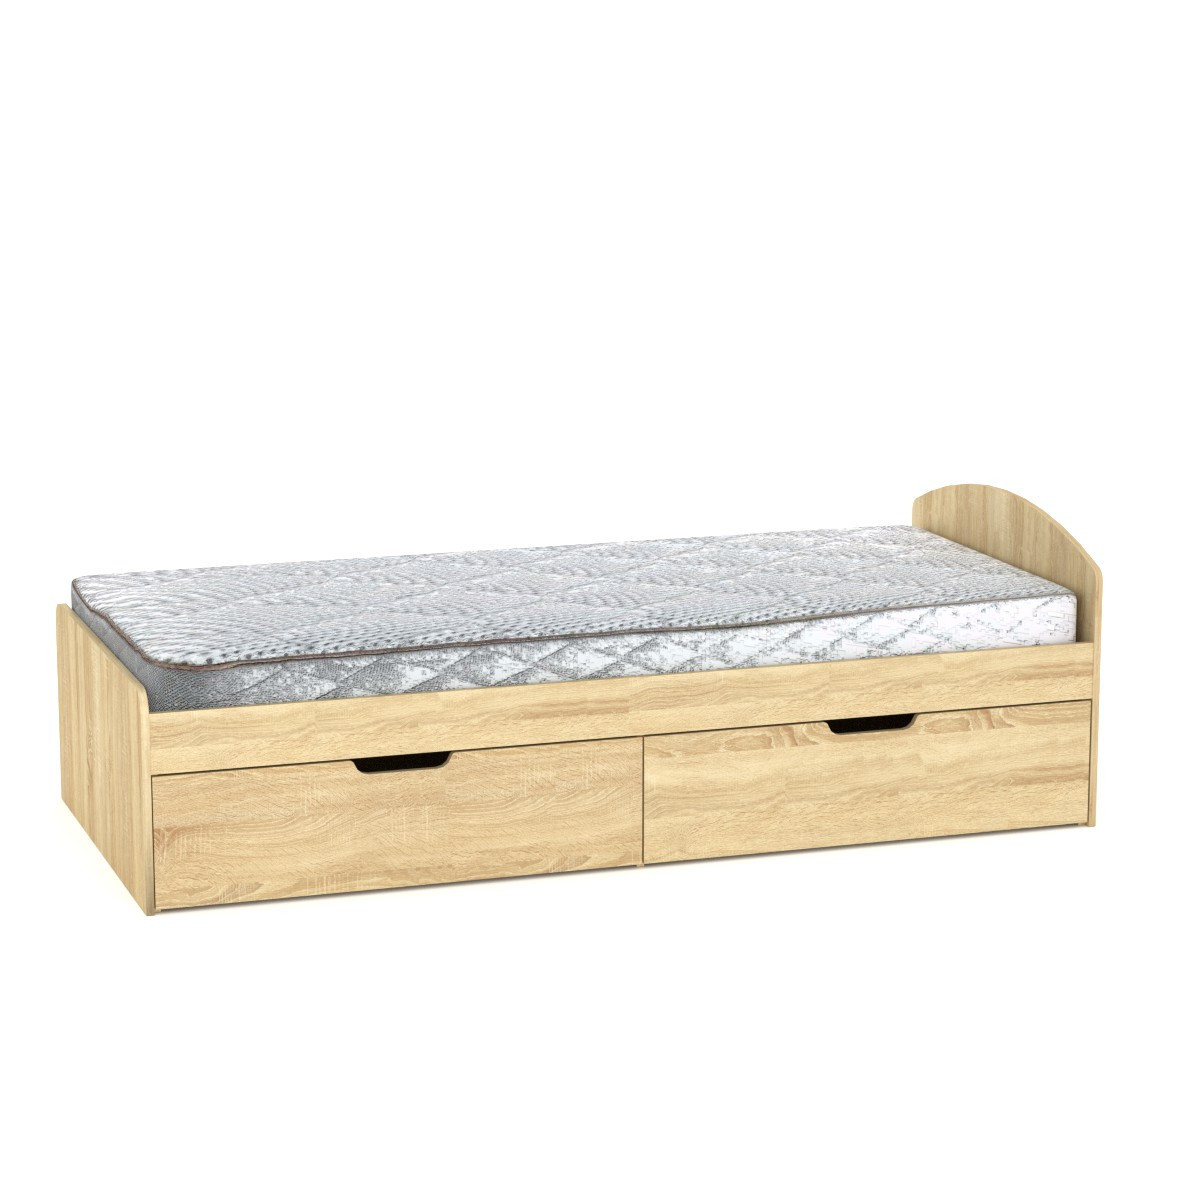 Кровать 90+2 дуб сонома Компанит (94х204х95 см)